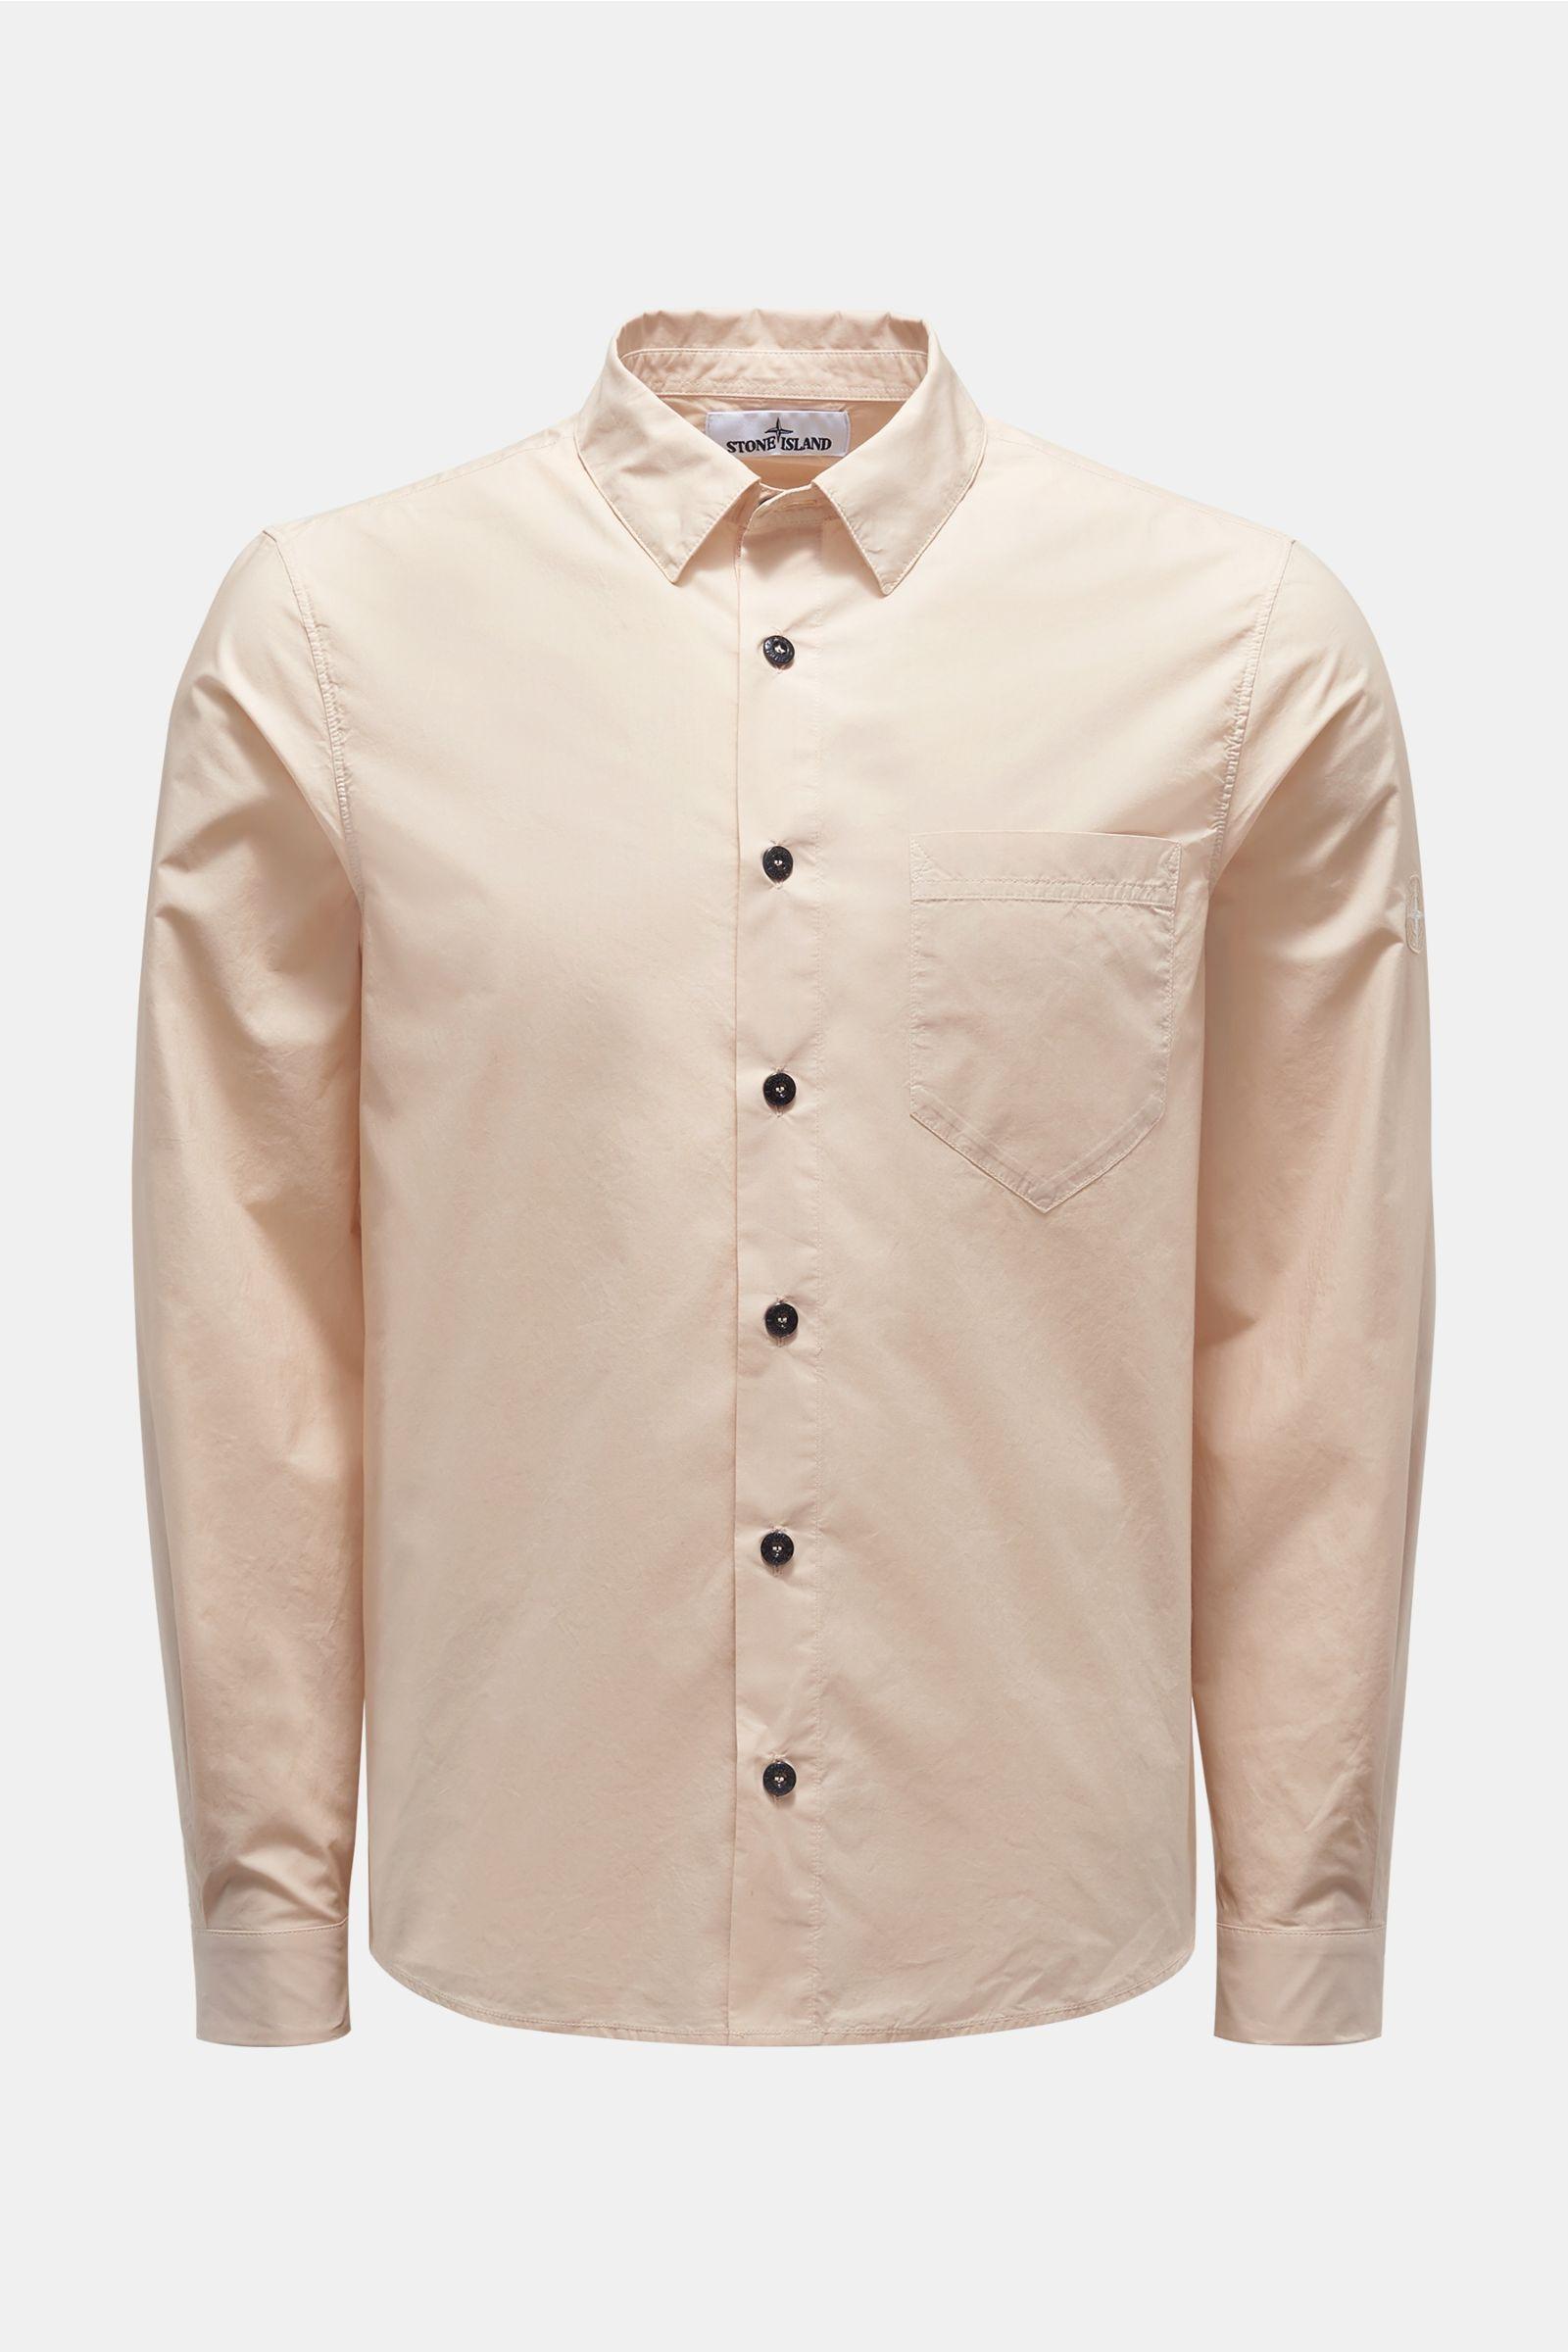 Casual Hemd schmaler Kragen beige